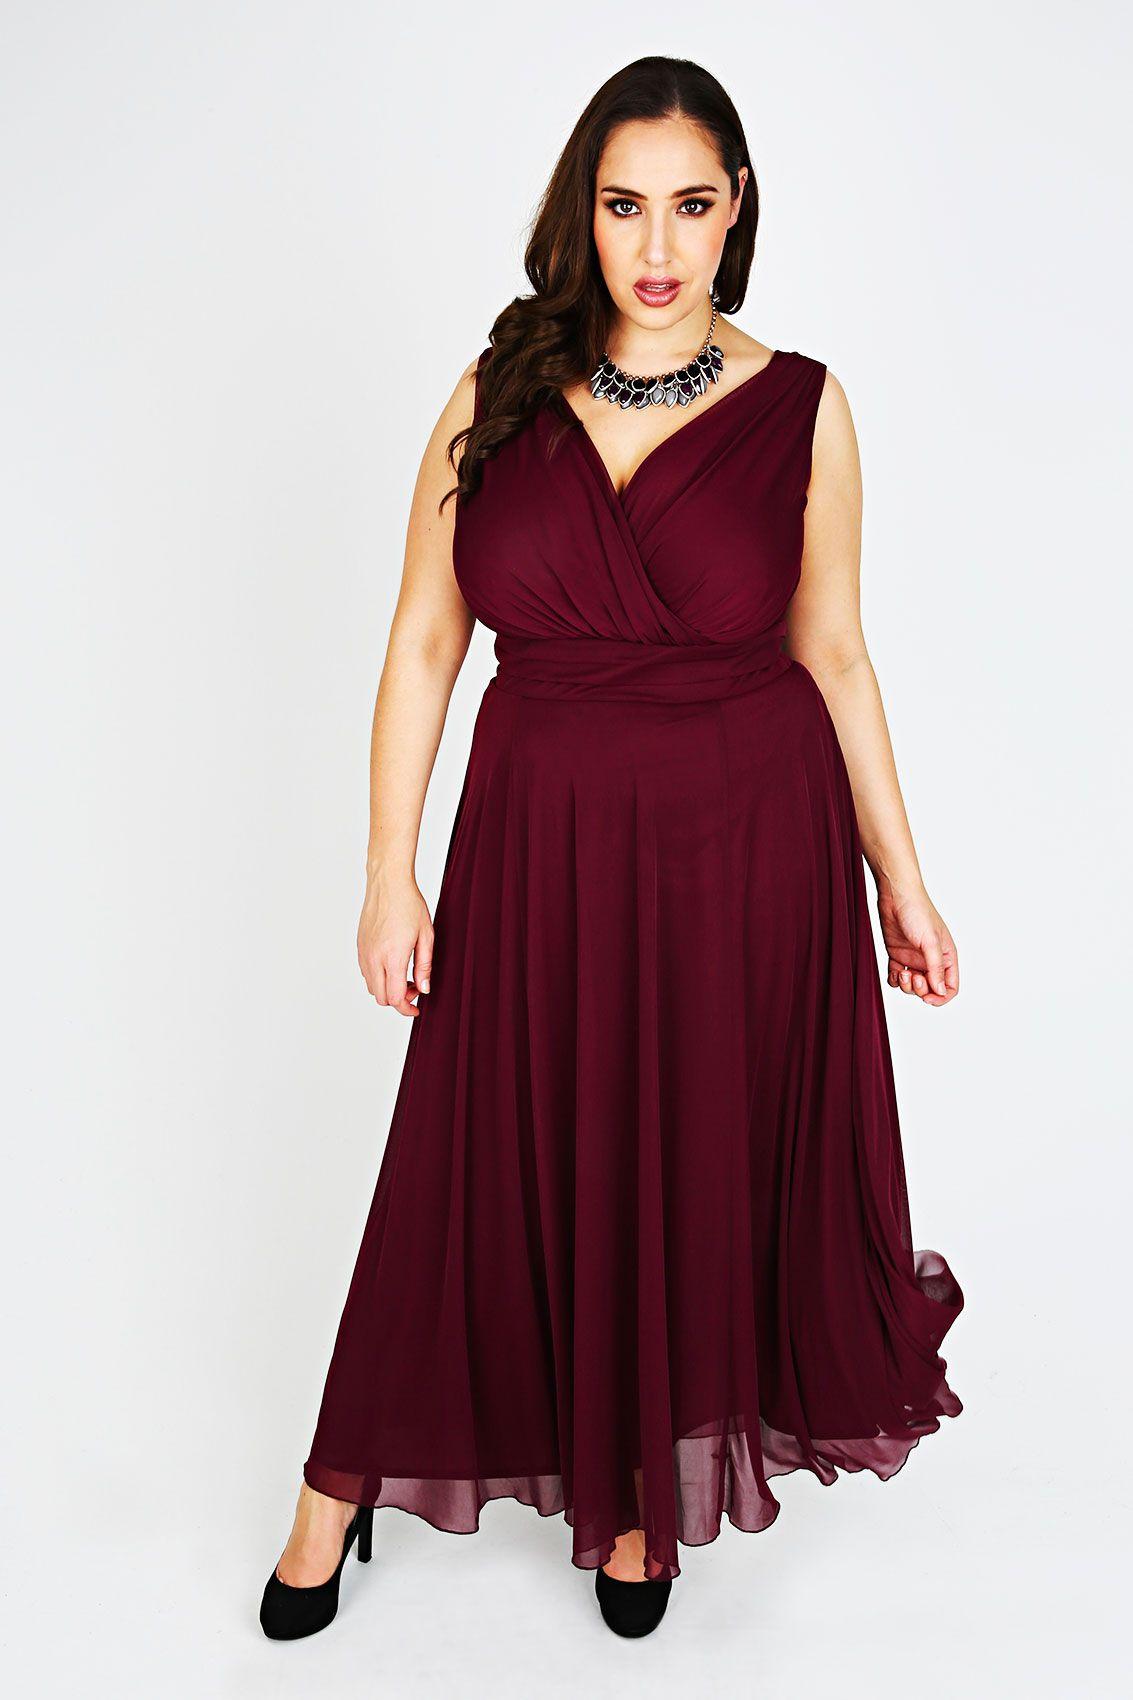 Swing dress plus size uk sizing